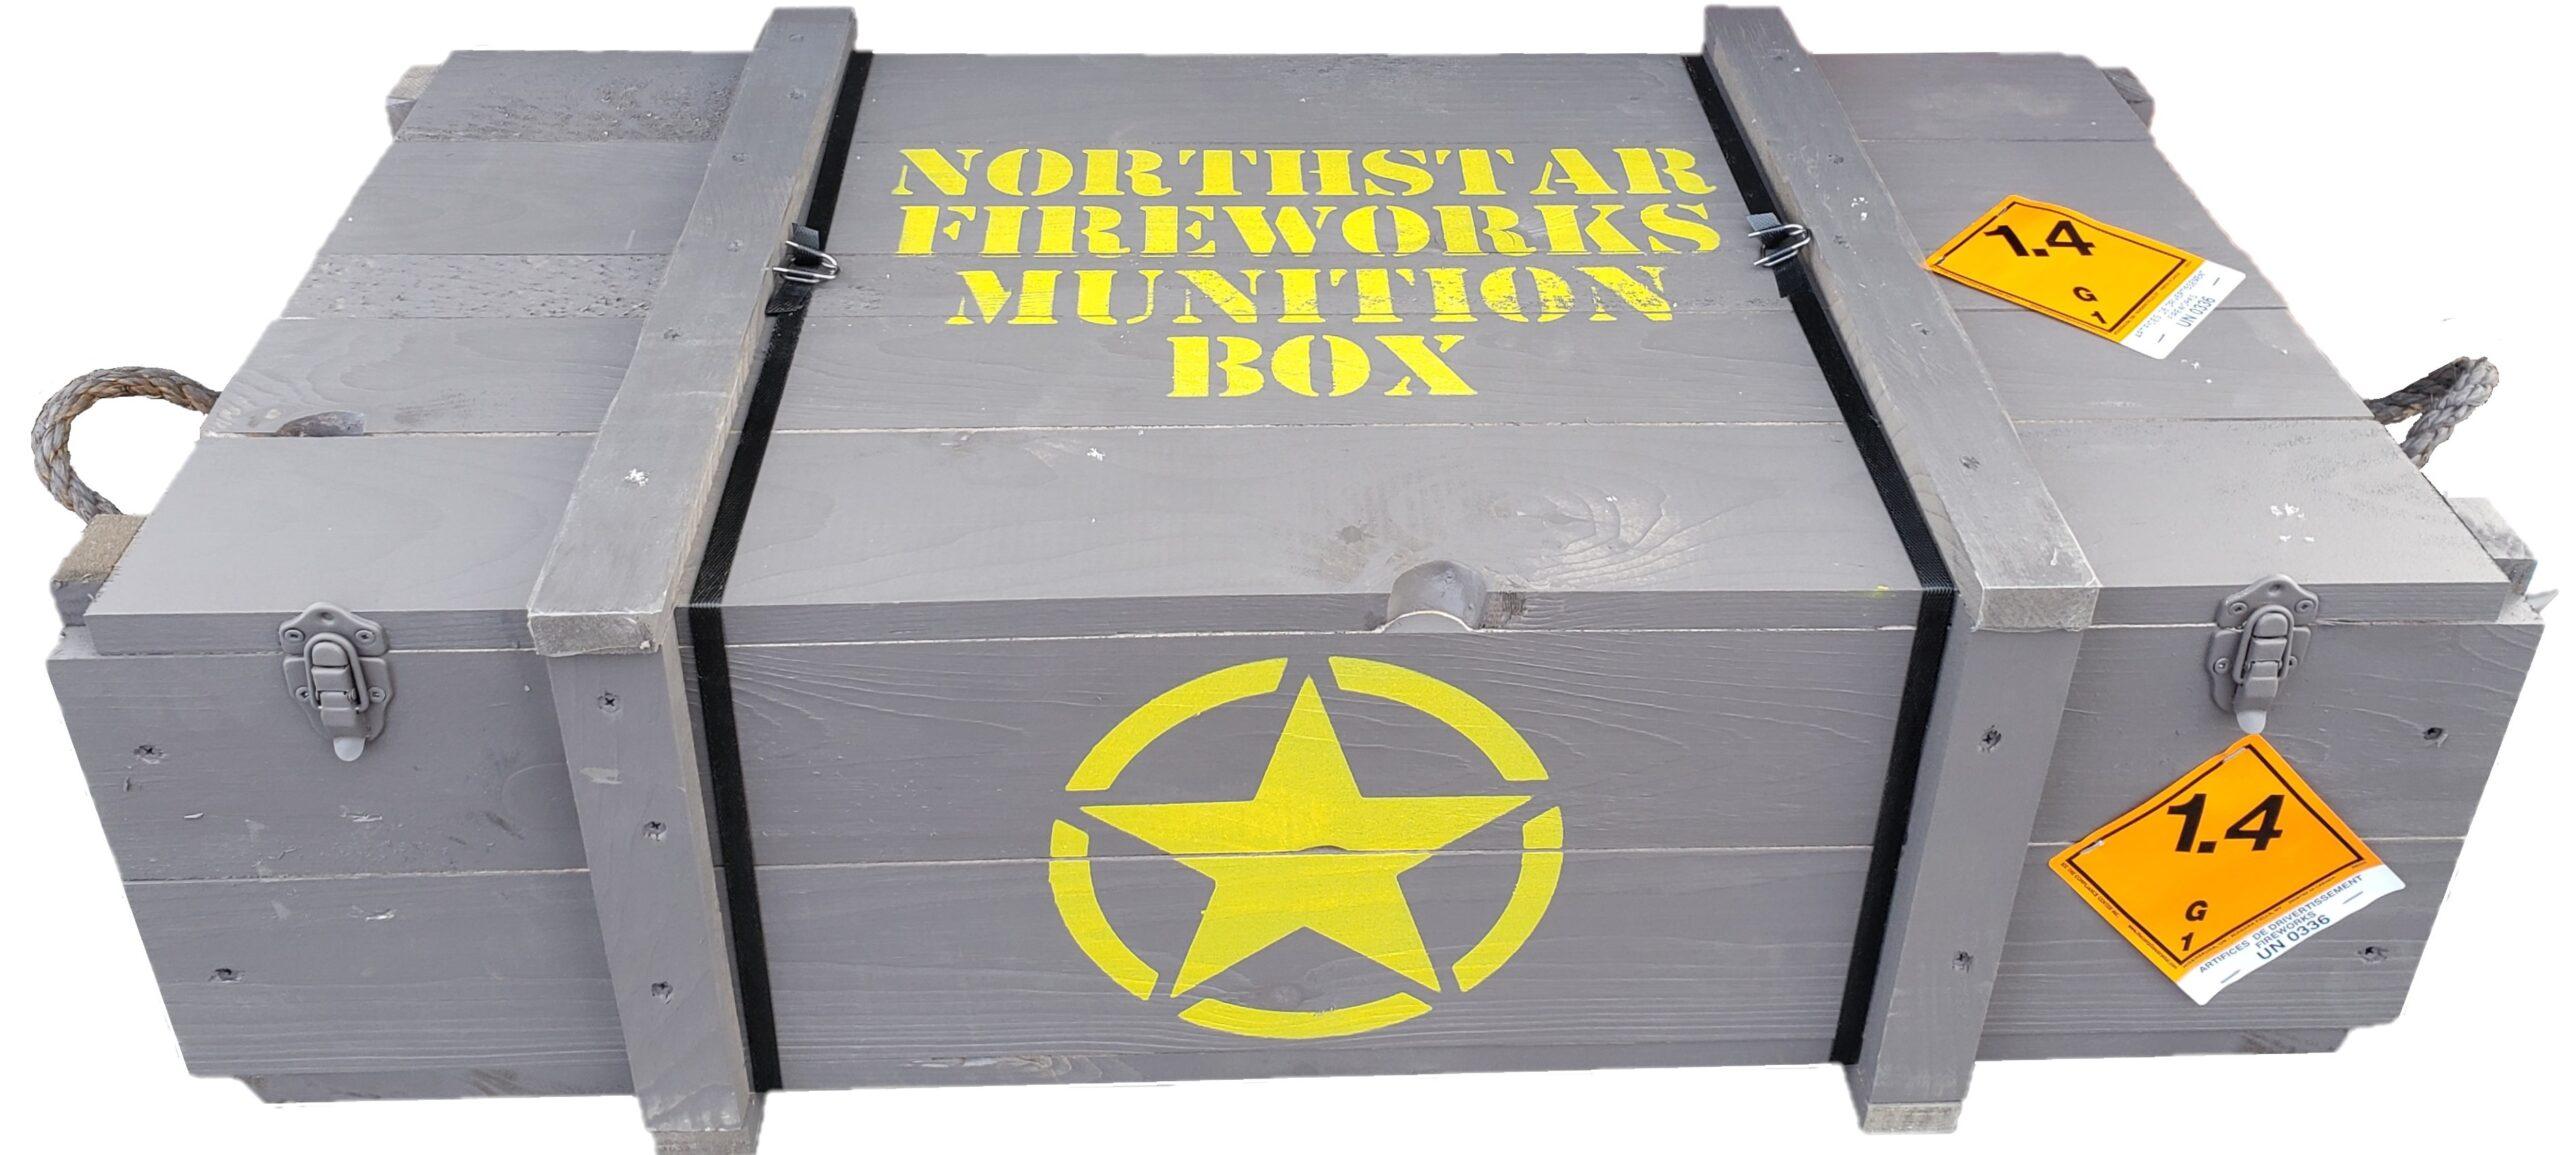 Munition box